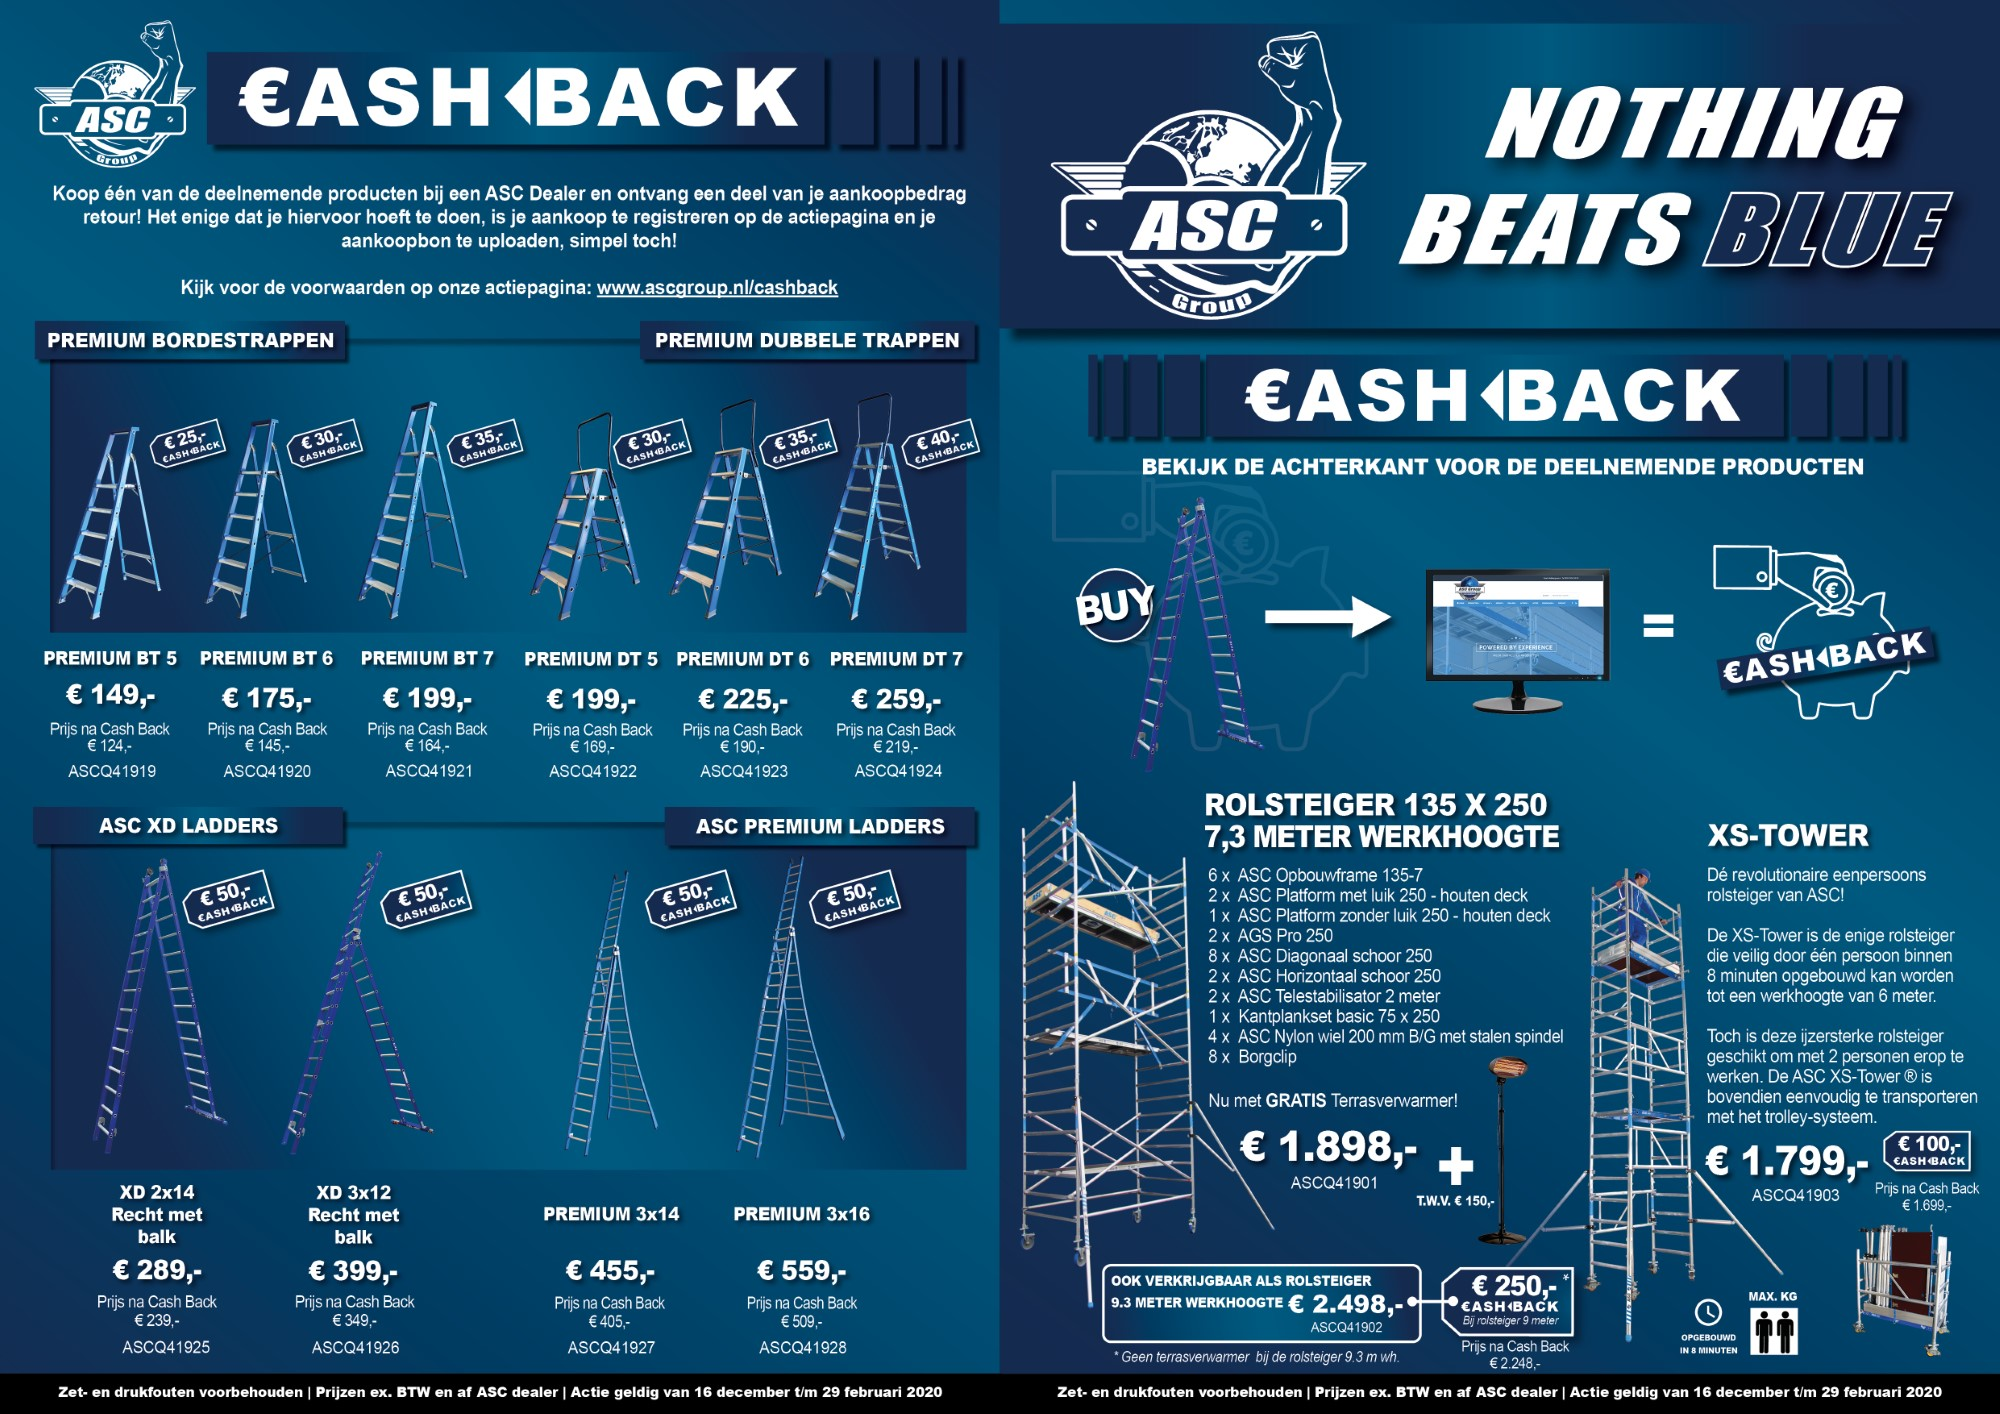 ASC ACTIE Nothing beats blue A3 (Aangepast)